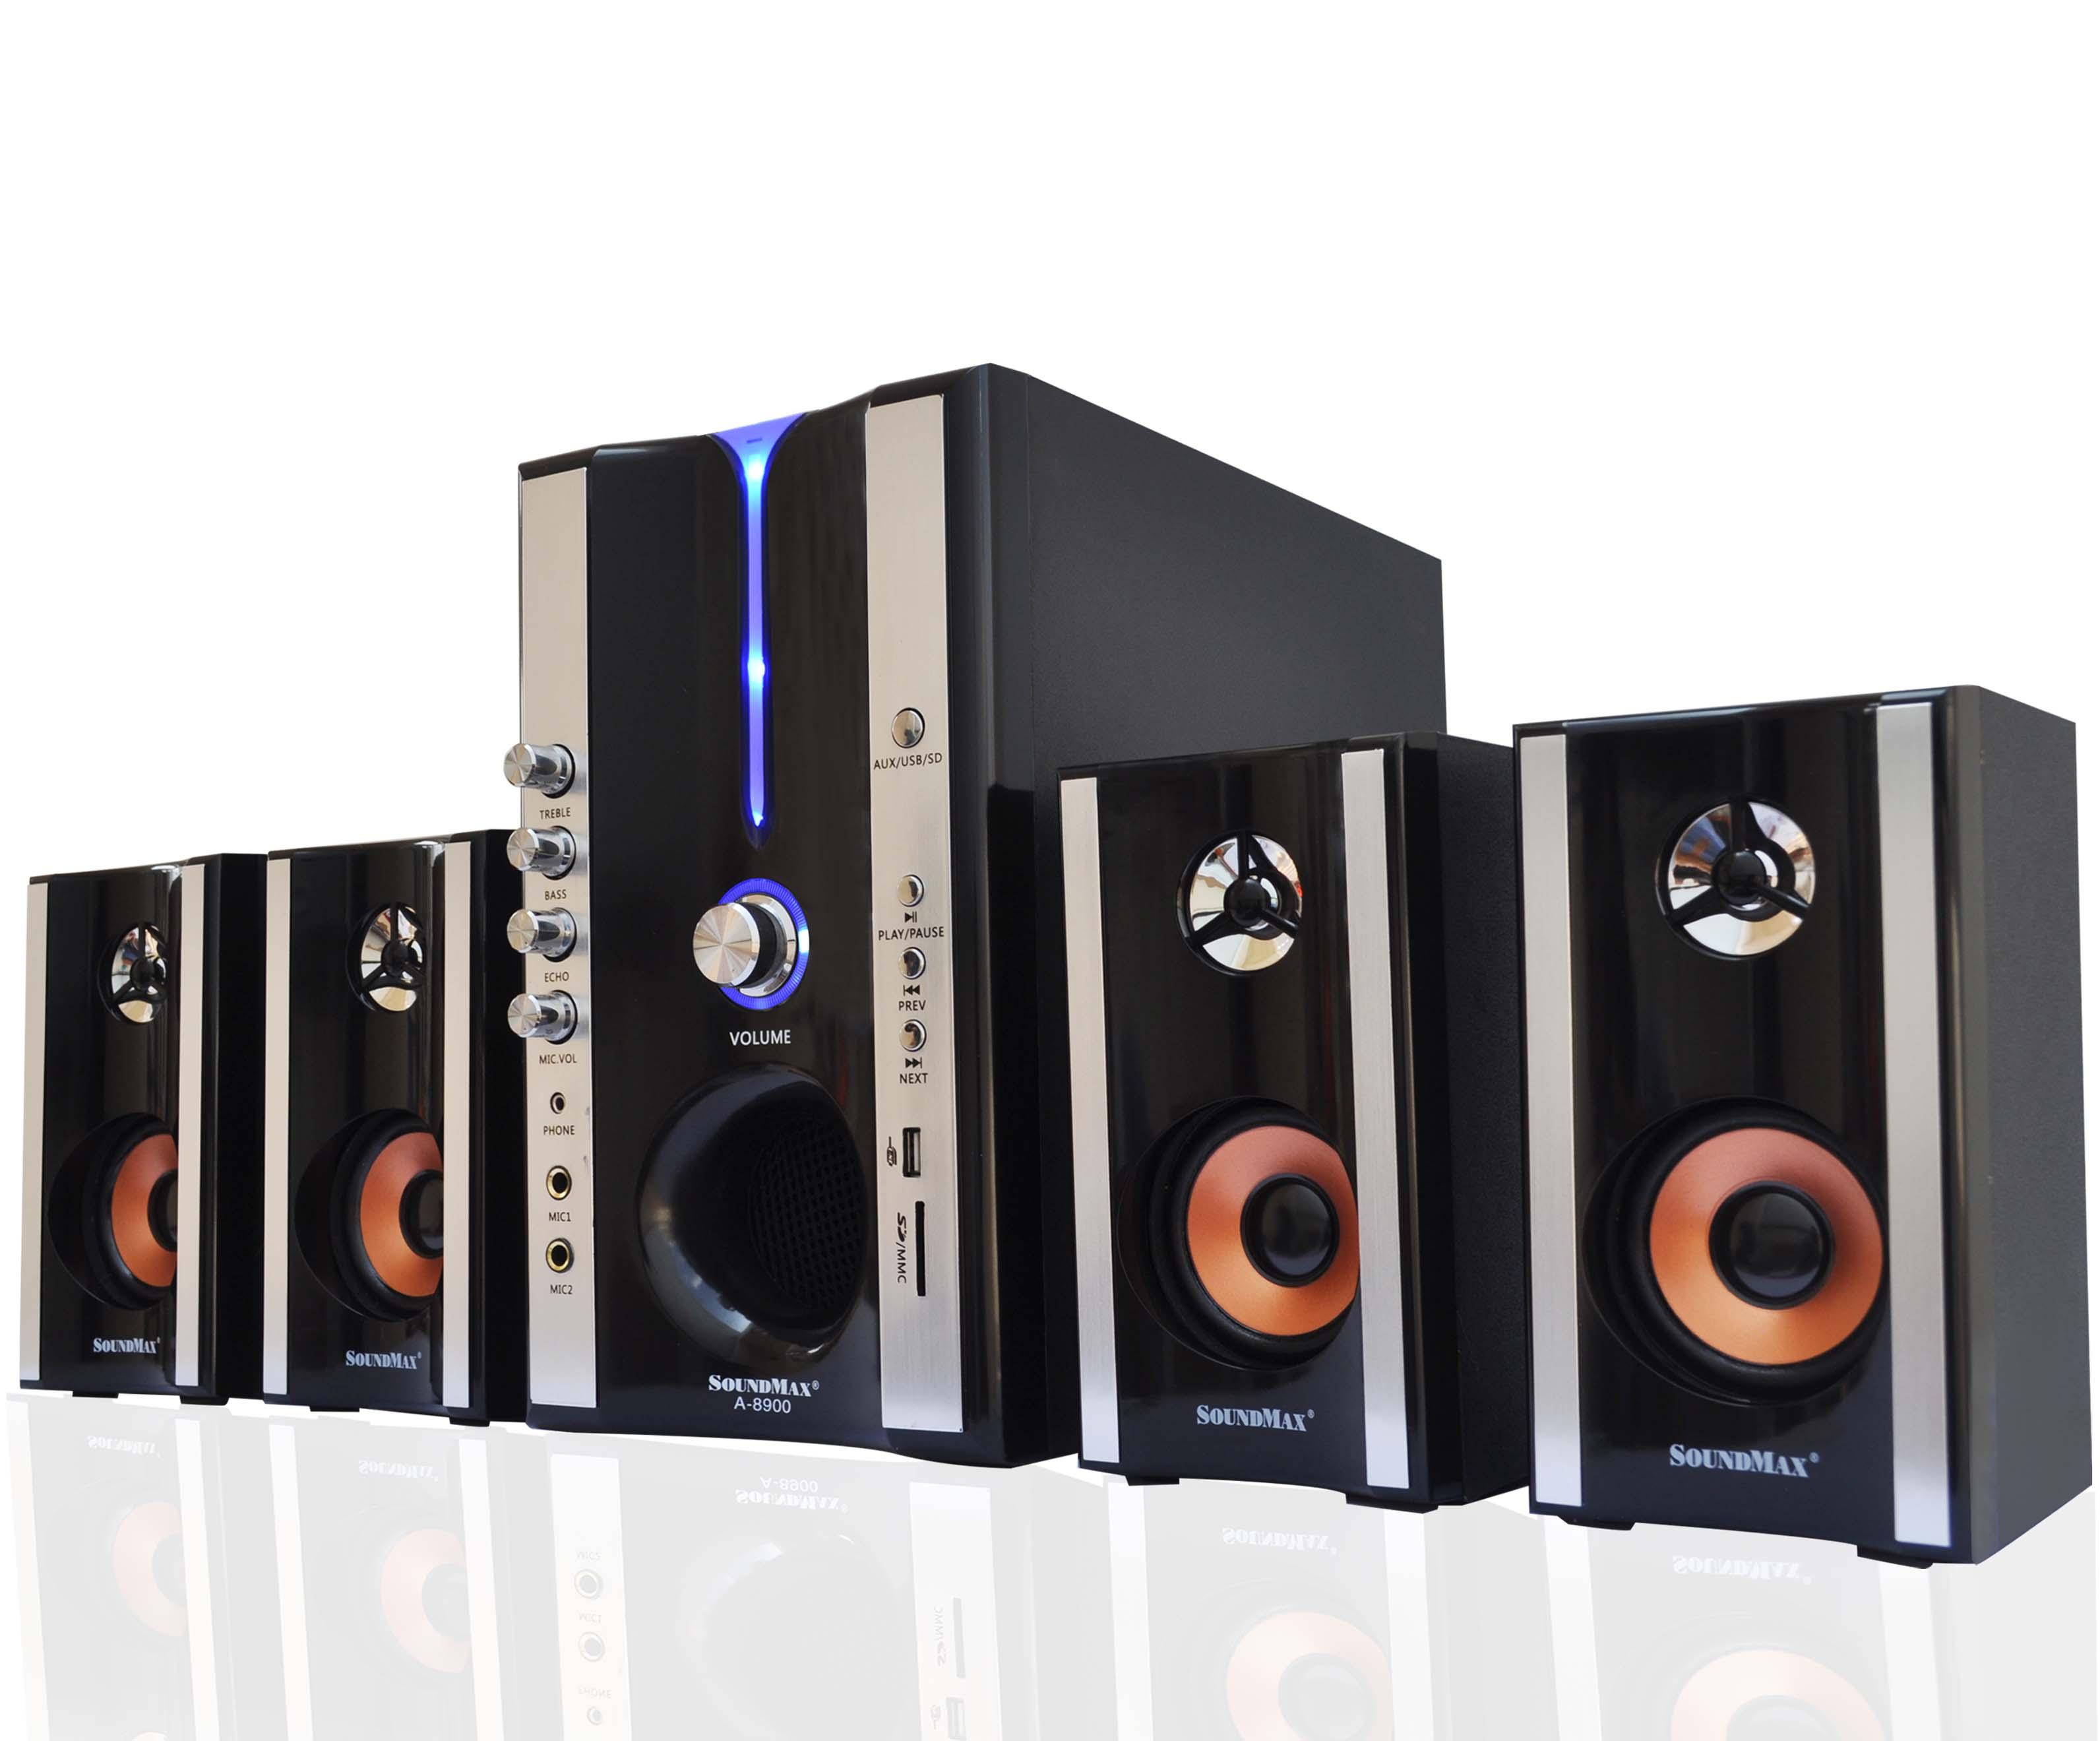 Loa SoundMax A8900/4.1